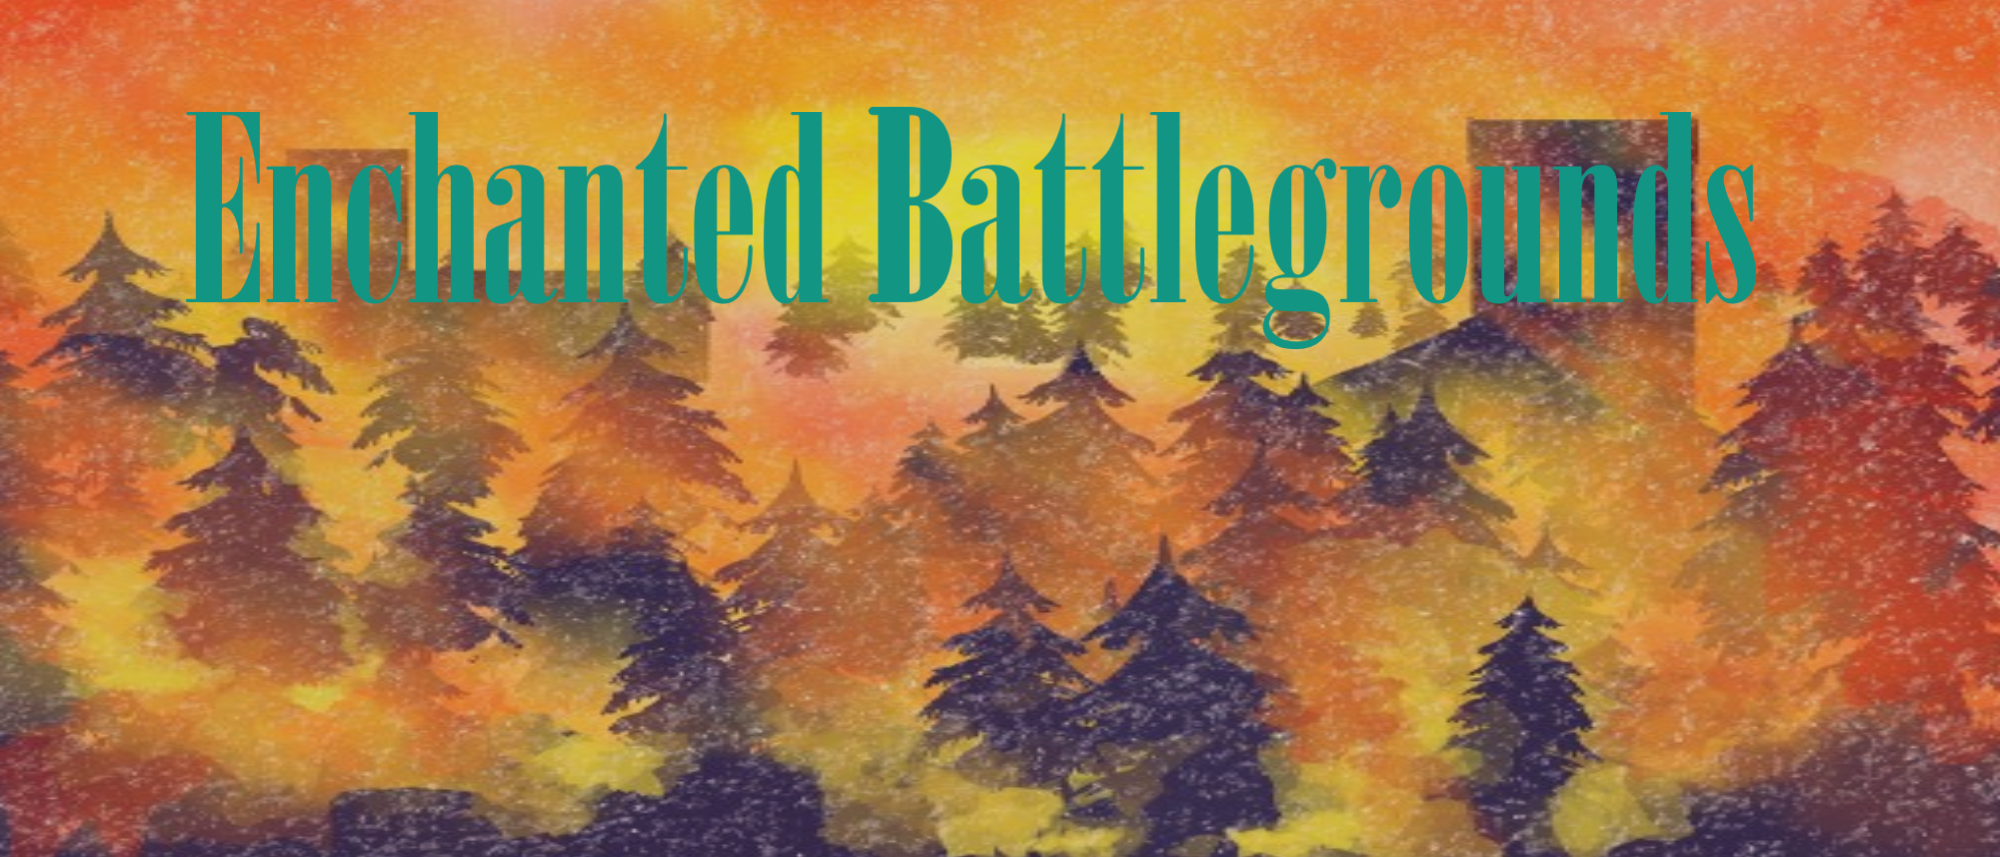 Enchanted Battlegrounds ALPHA release